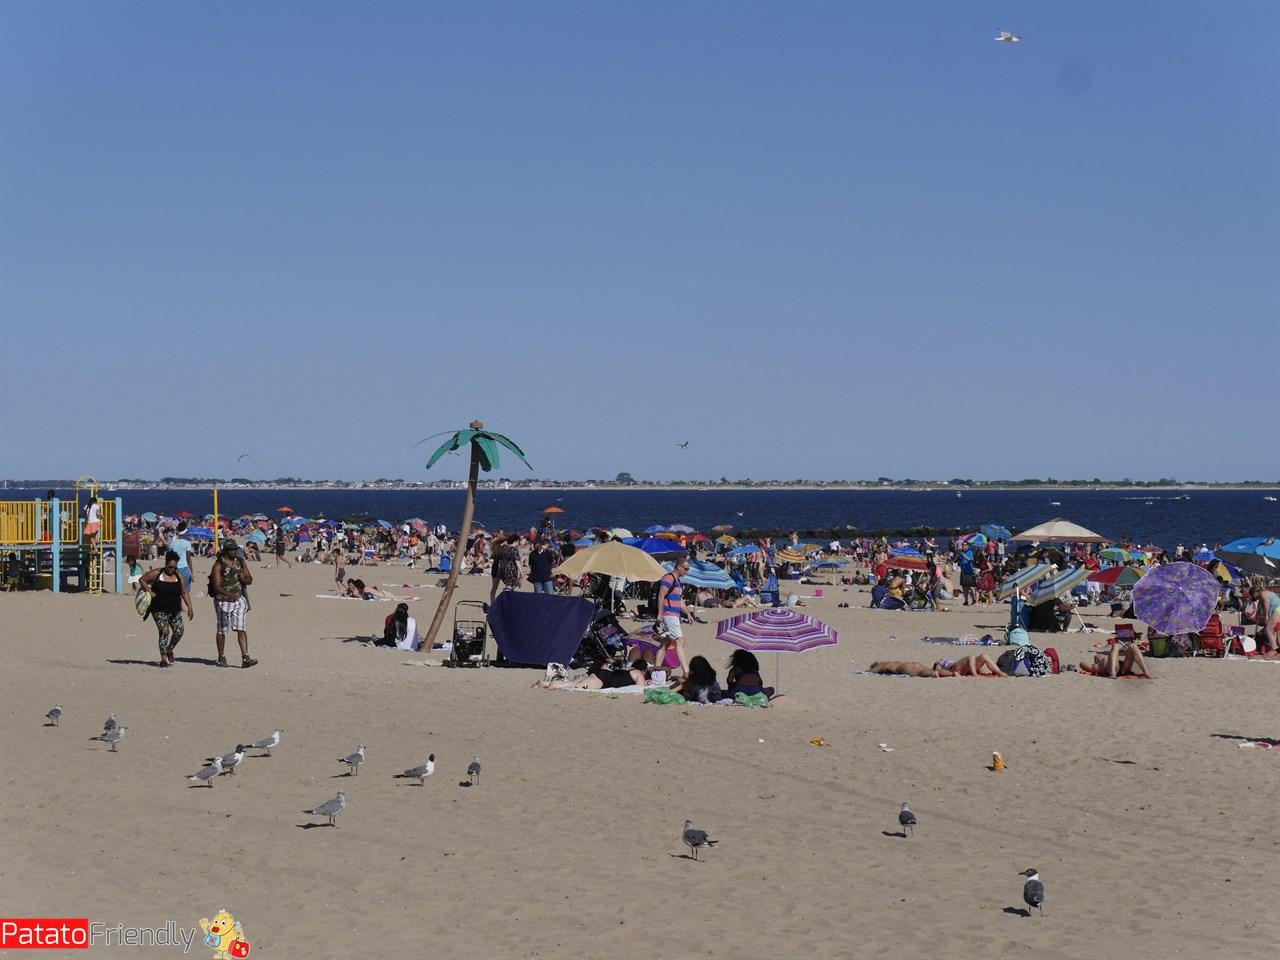 La spiaggia di Coney Island coi bambini